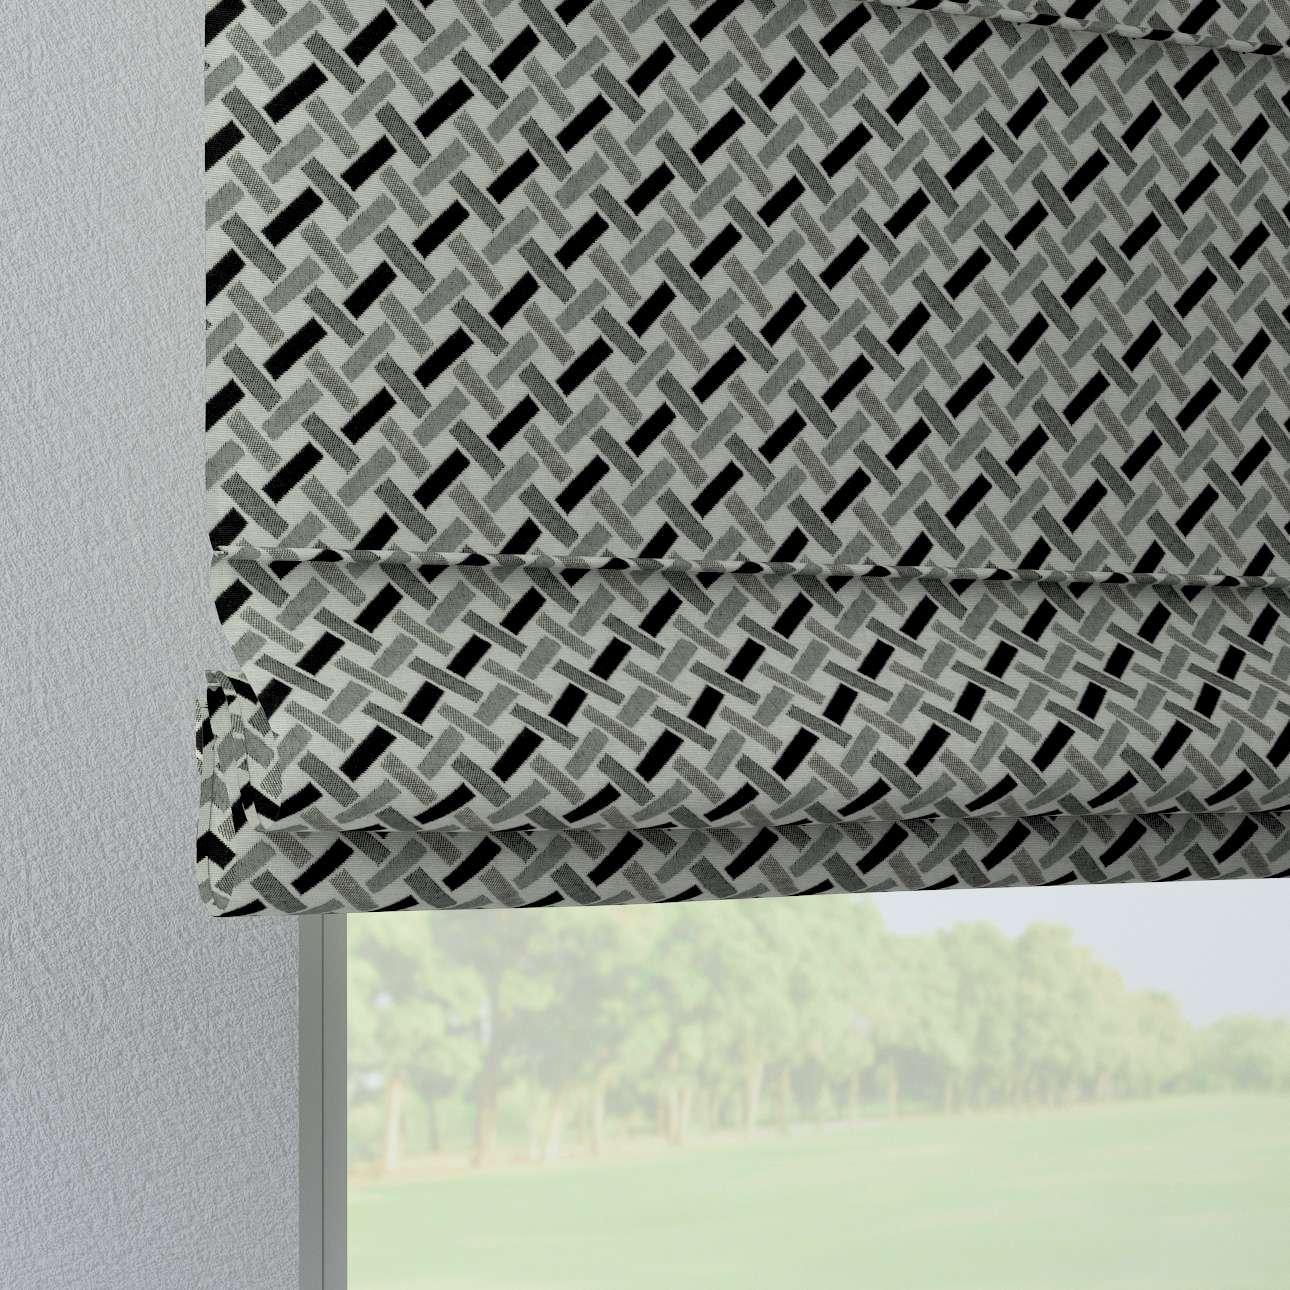 Foldegardin Verona<br/>Med stropper til gardinstang fra kollektionen Black & White, Stof: 142-78